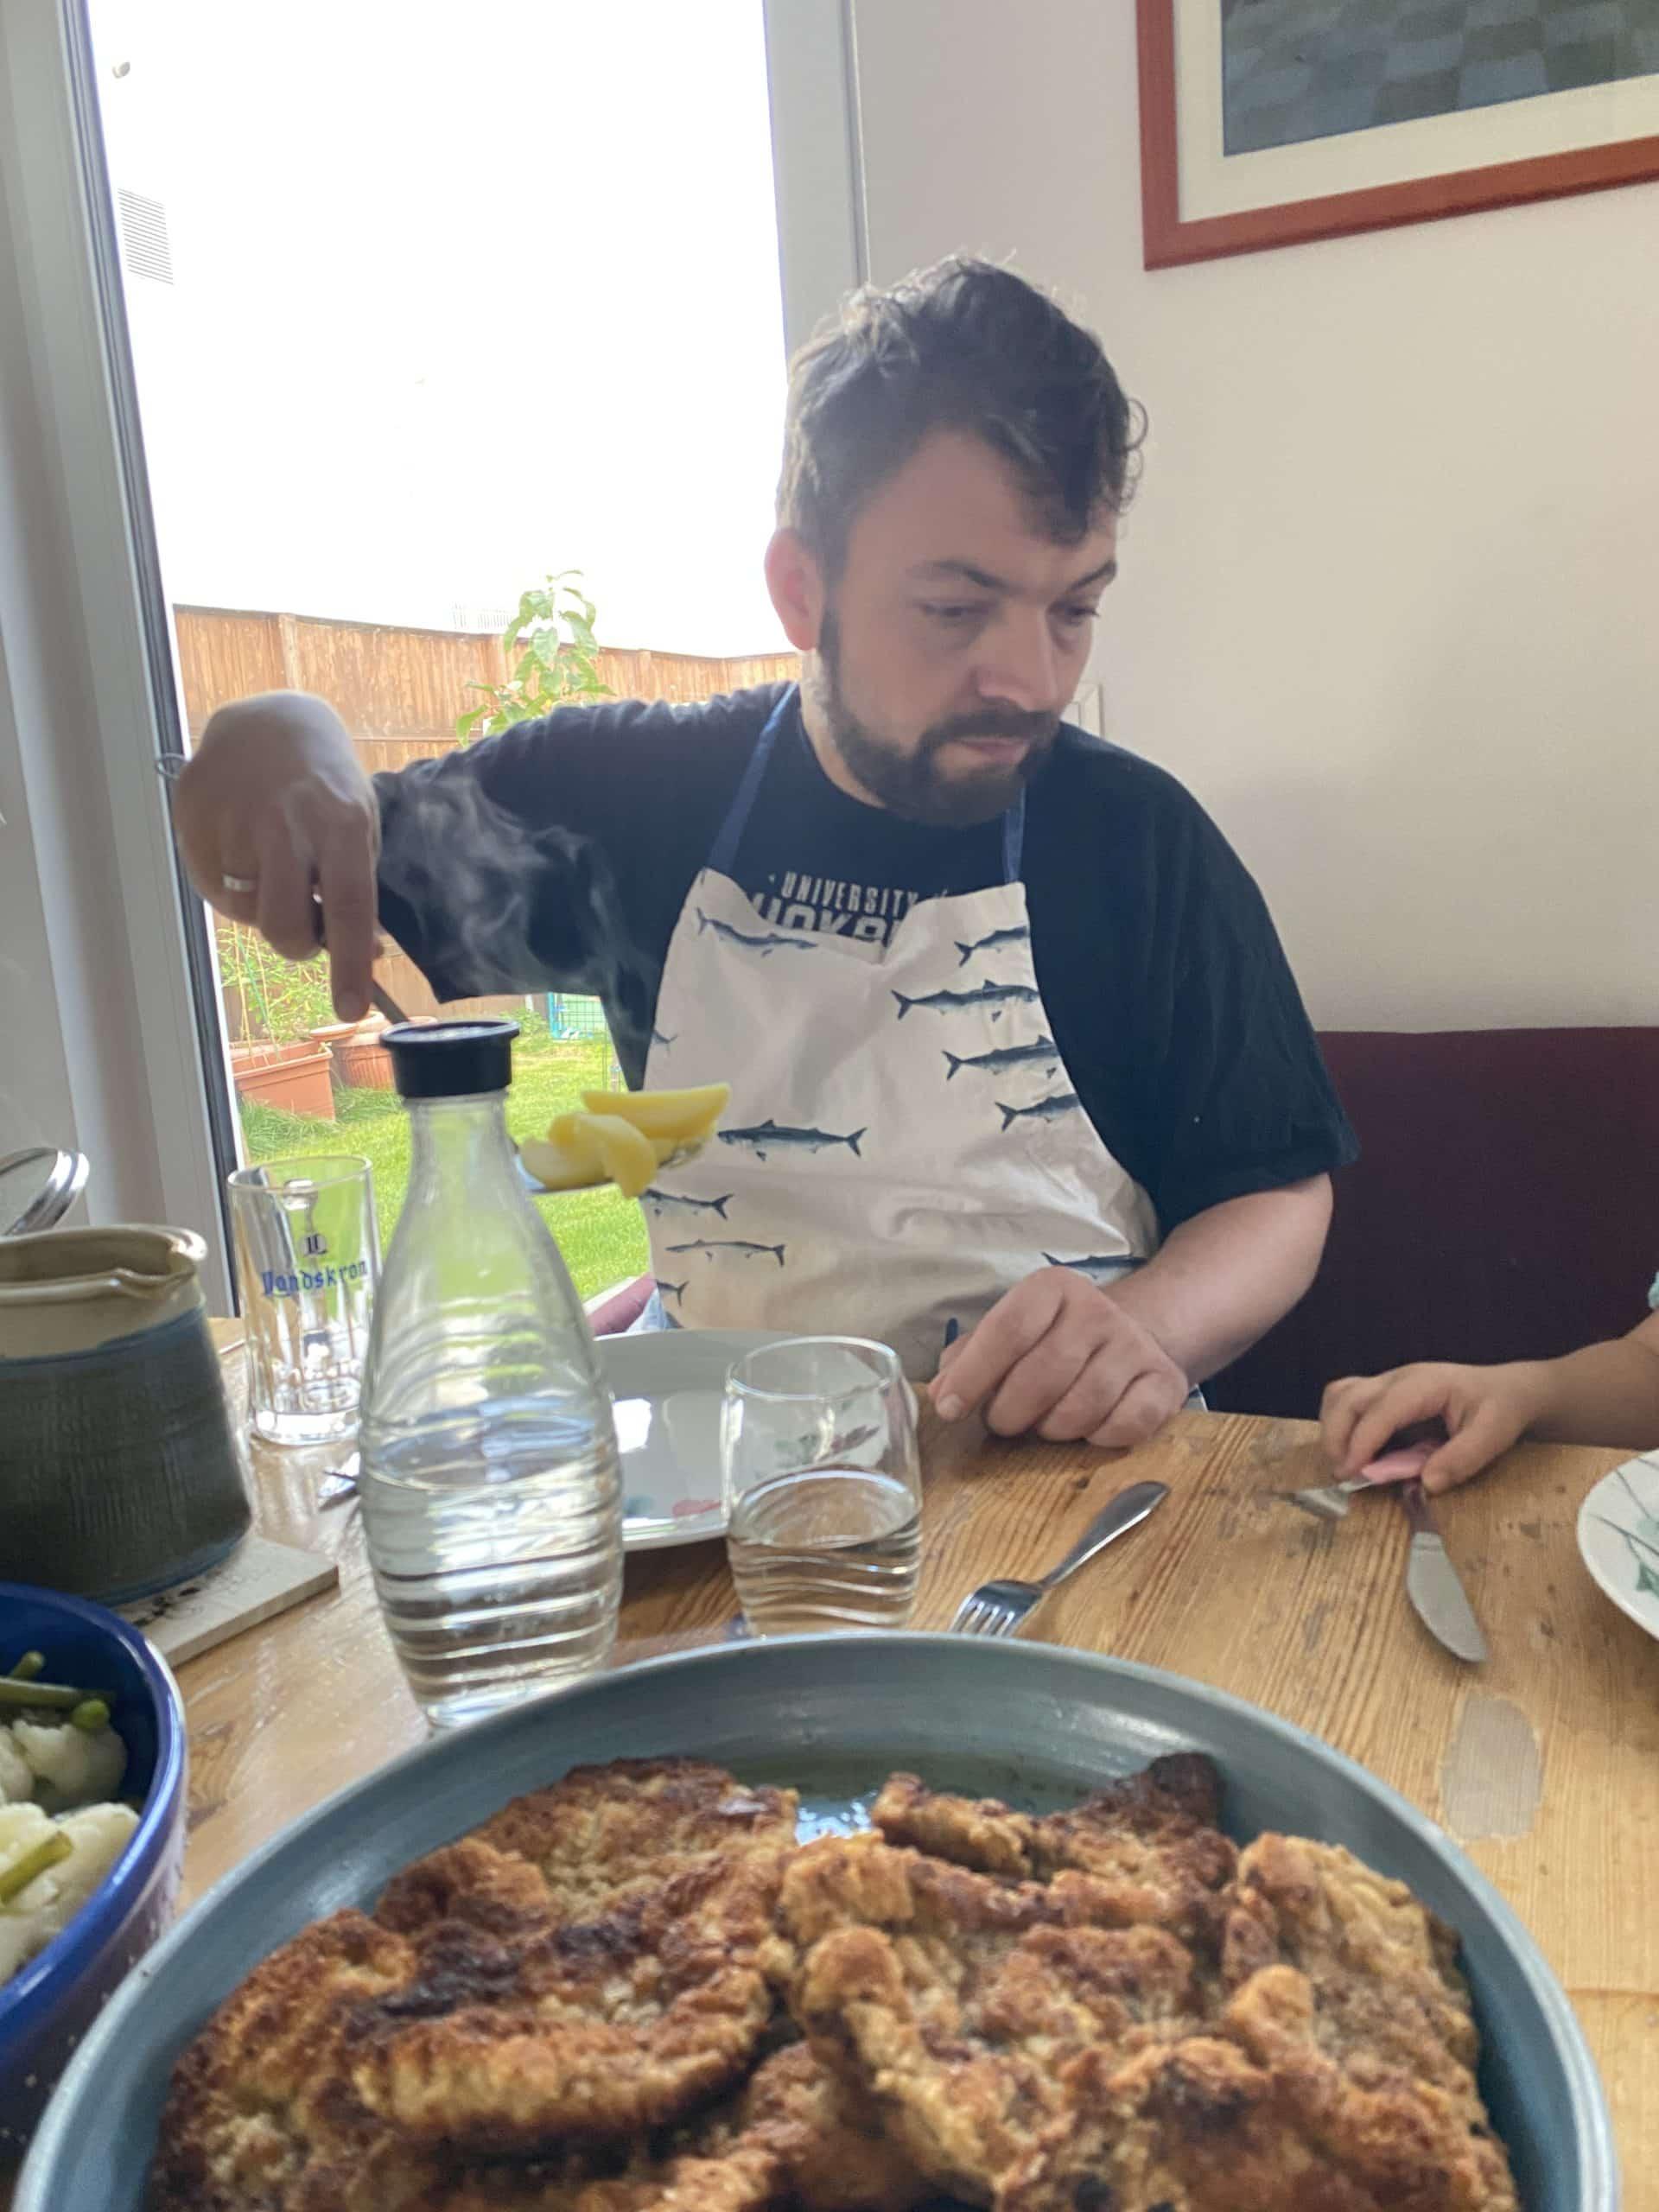 Der Mann kocht heute. Es gibt Bio Schnitzelchen, Bohnen und Kartoffeln. Die Kinder nennen es: Ich esse später auf.